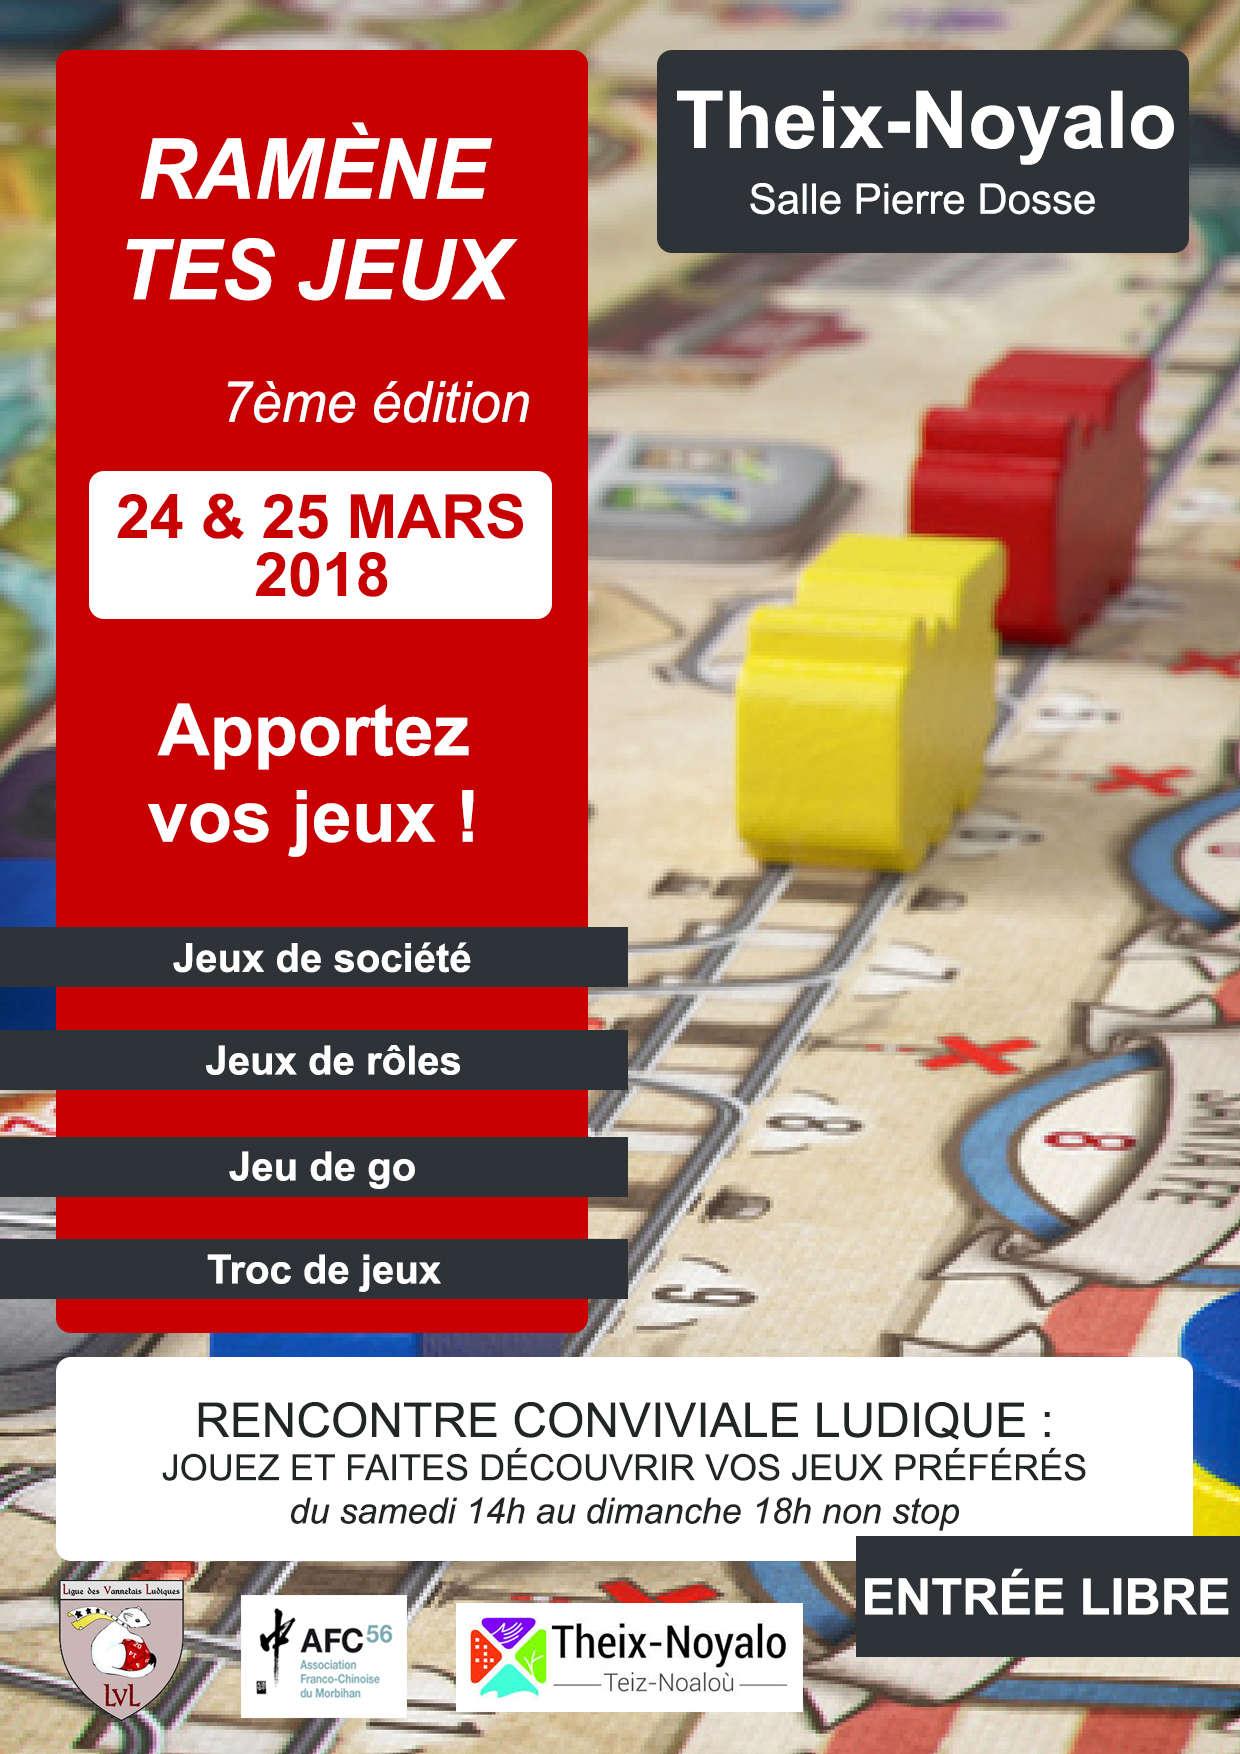 Festival Ramène tes Jeux, 24-25 mars 2018 à Theix-Noyalo (près de Vannes) Ramene10